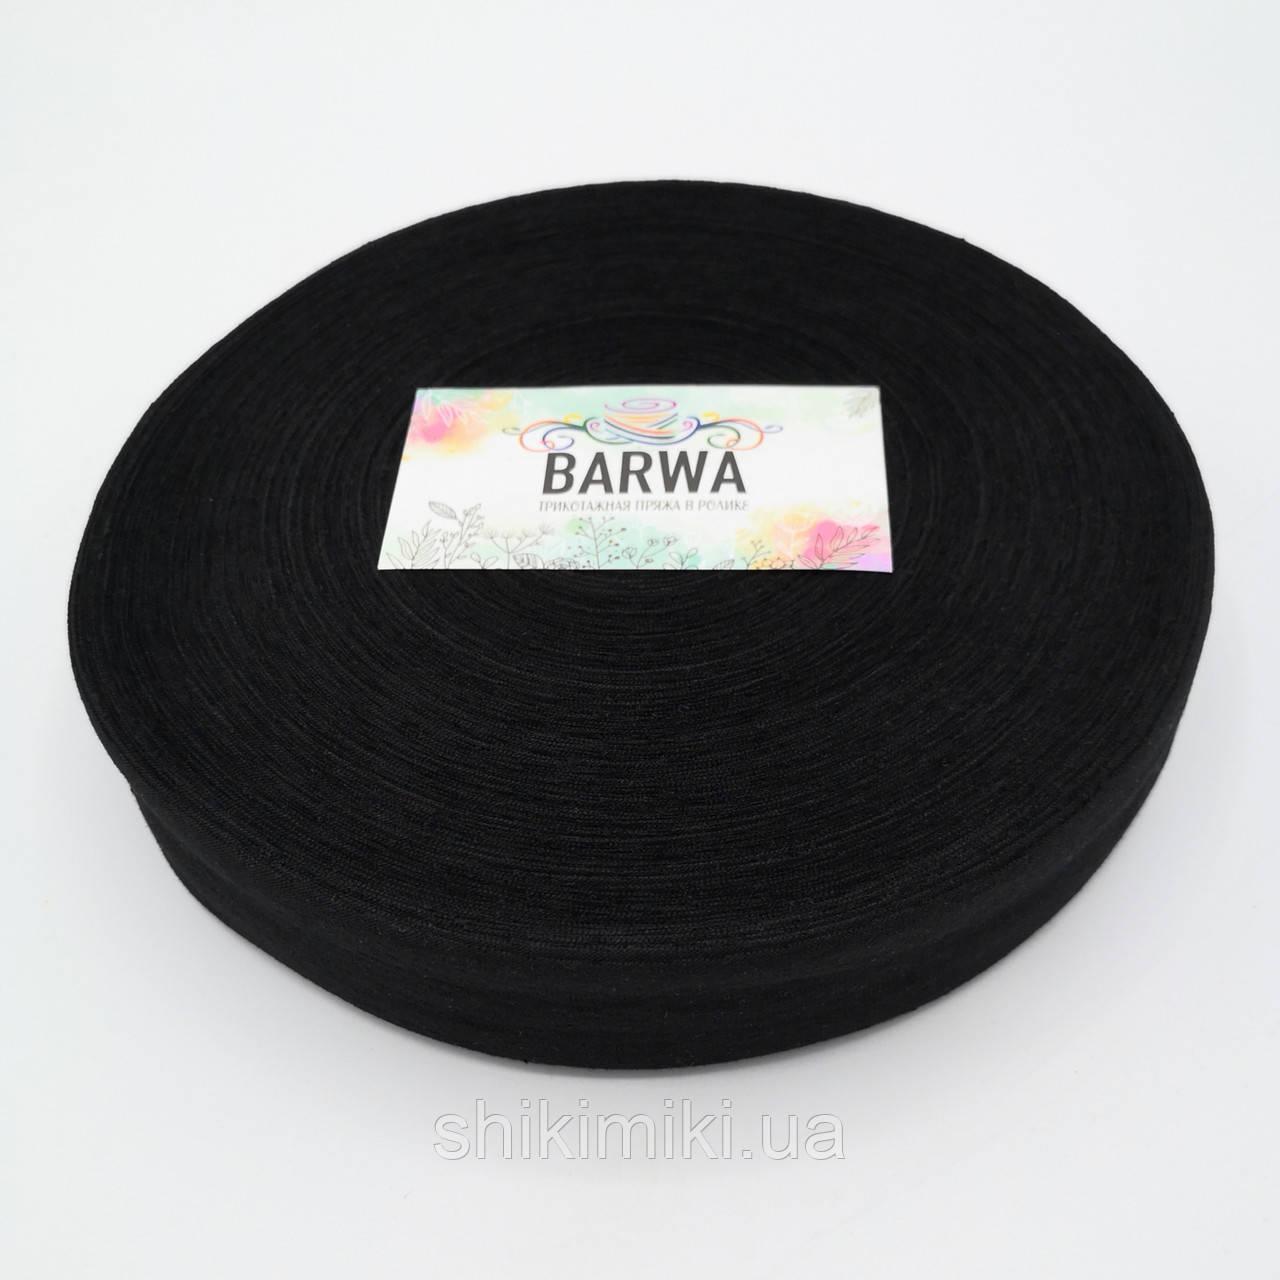 Пряжа трикотажна Barwa в роликах, колір Чорний